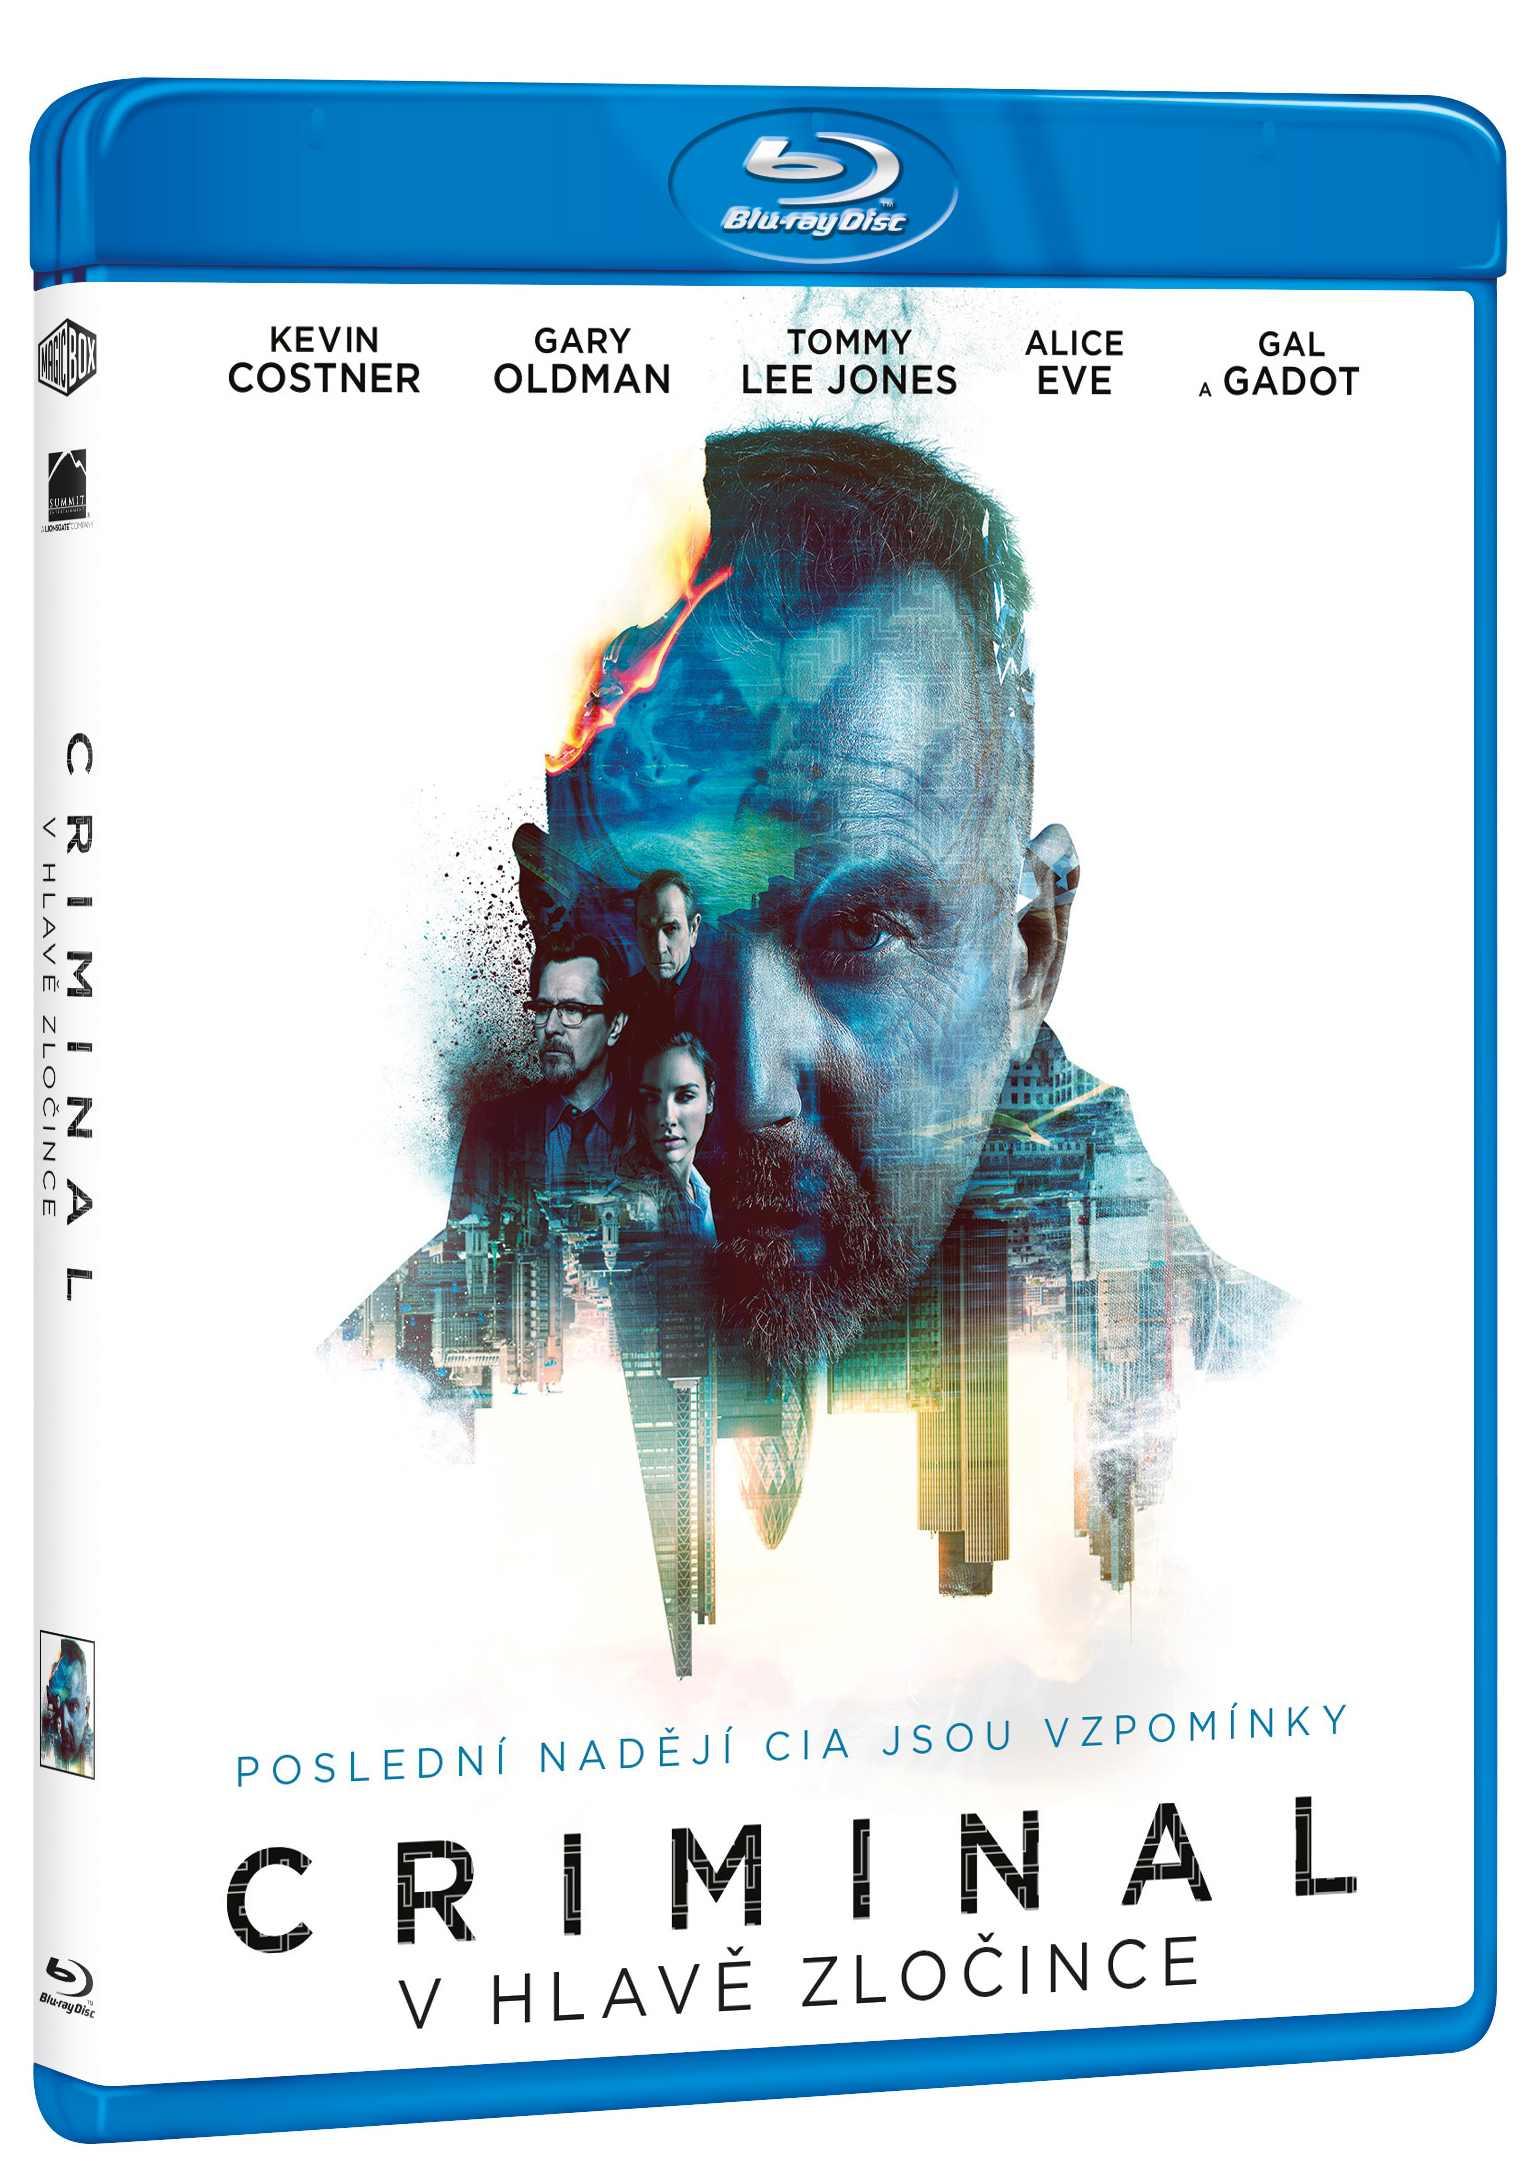 CRIMINAL: V HLAVĚ ZLOČINCE - Blu-ray